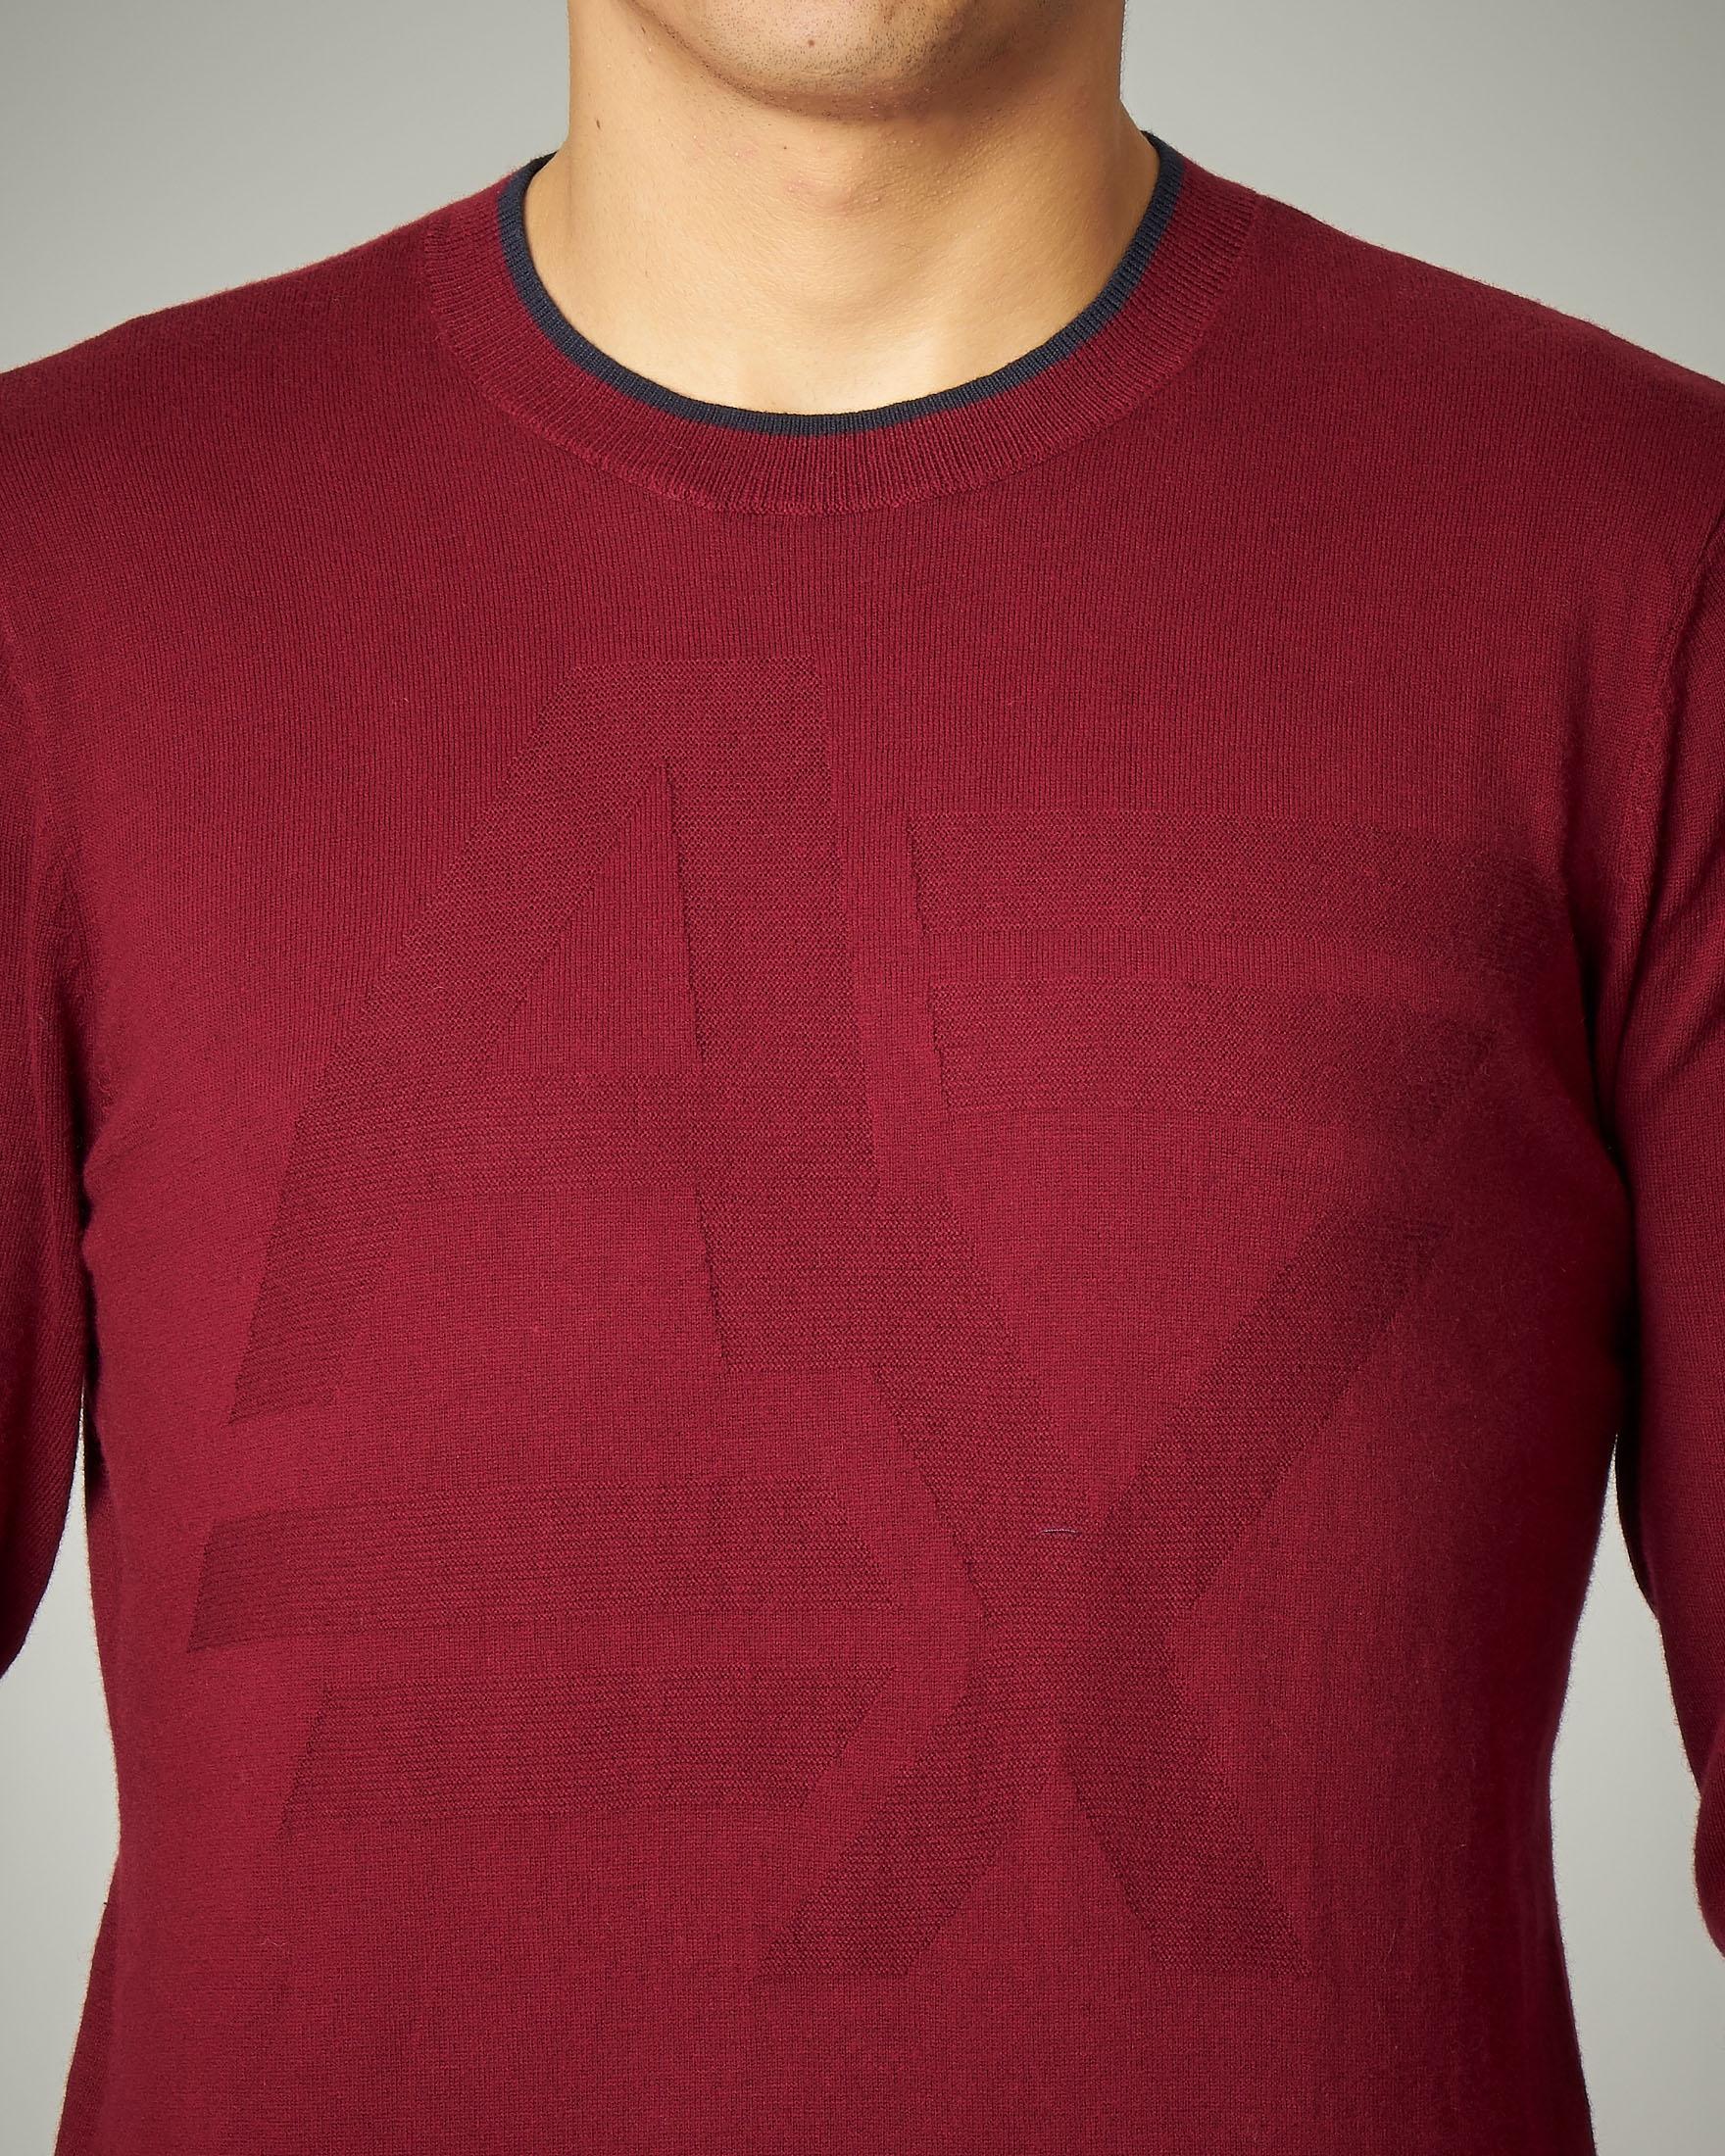 Maglia bordeaux girocollo in cotone e cachemire con logo